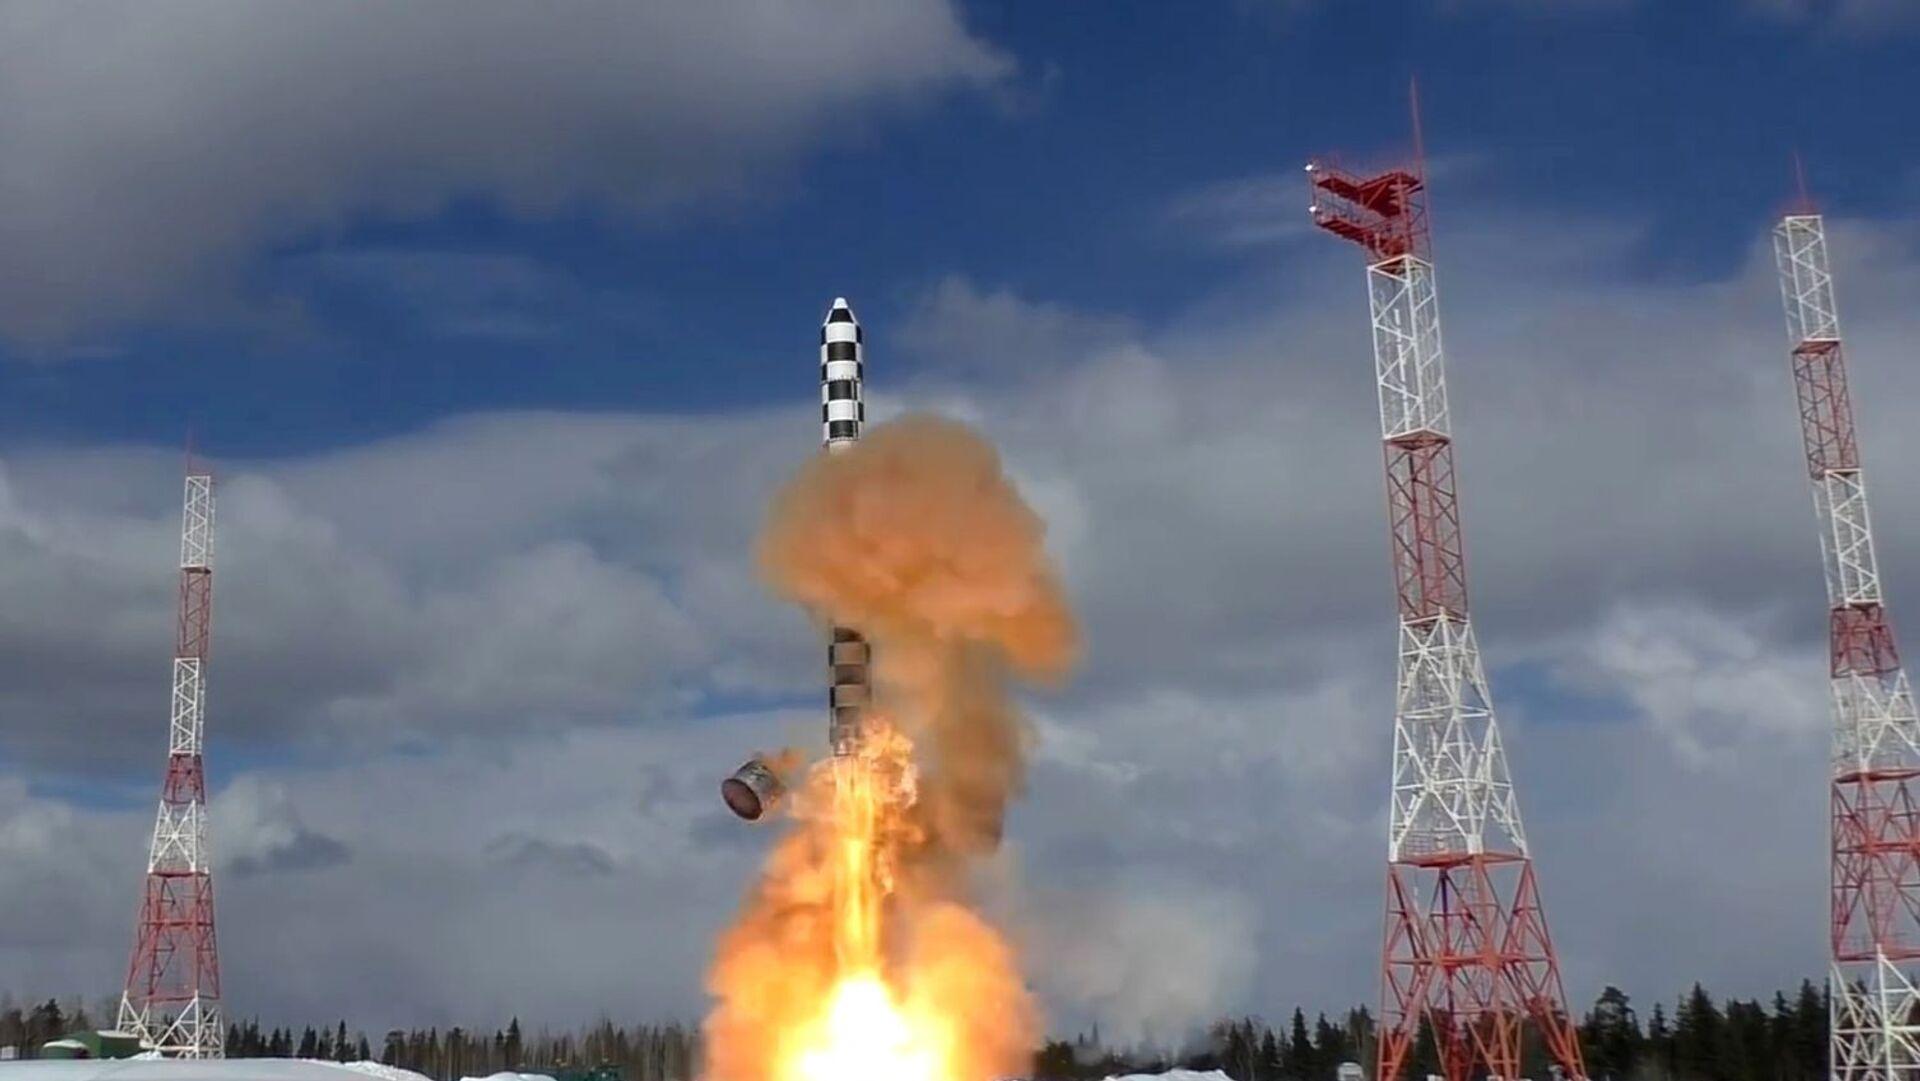 Запуск тяжелой межконтинентальной баллистической ракеты Сармат с космодрома Плесецк - РИА Новости, 1920, 21.01.2021